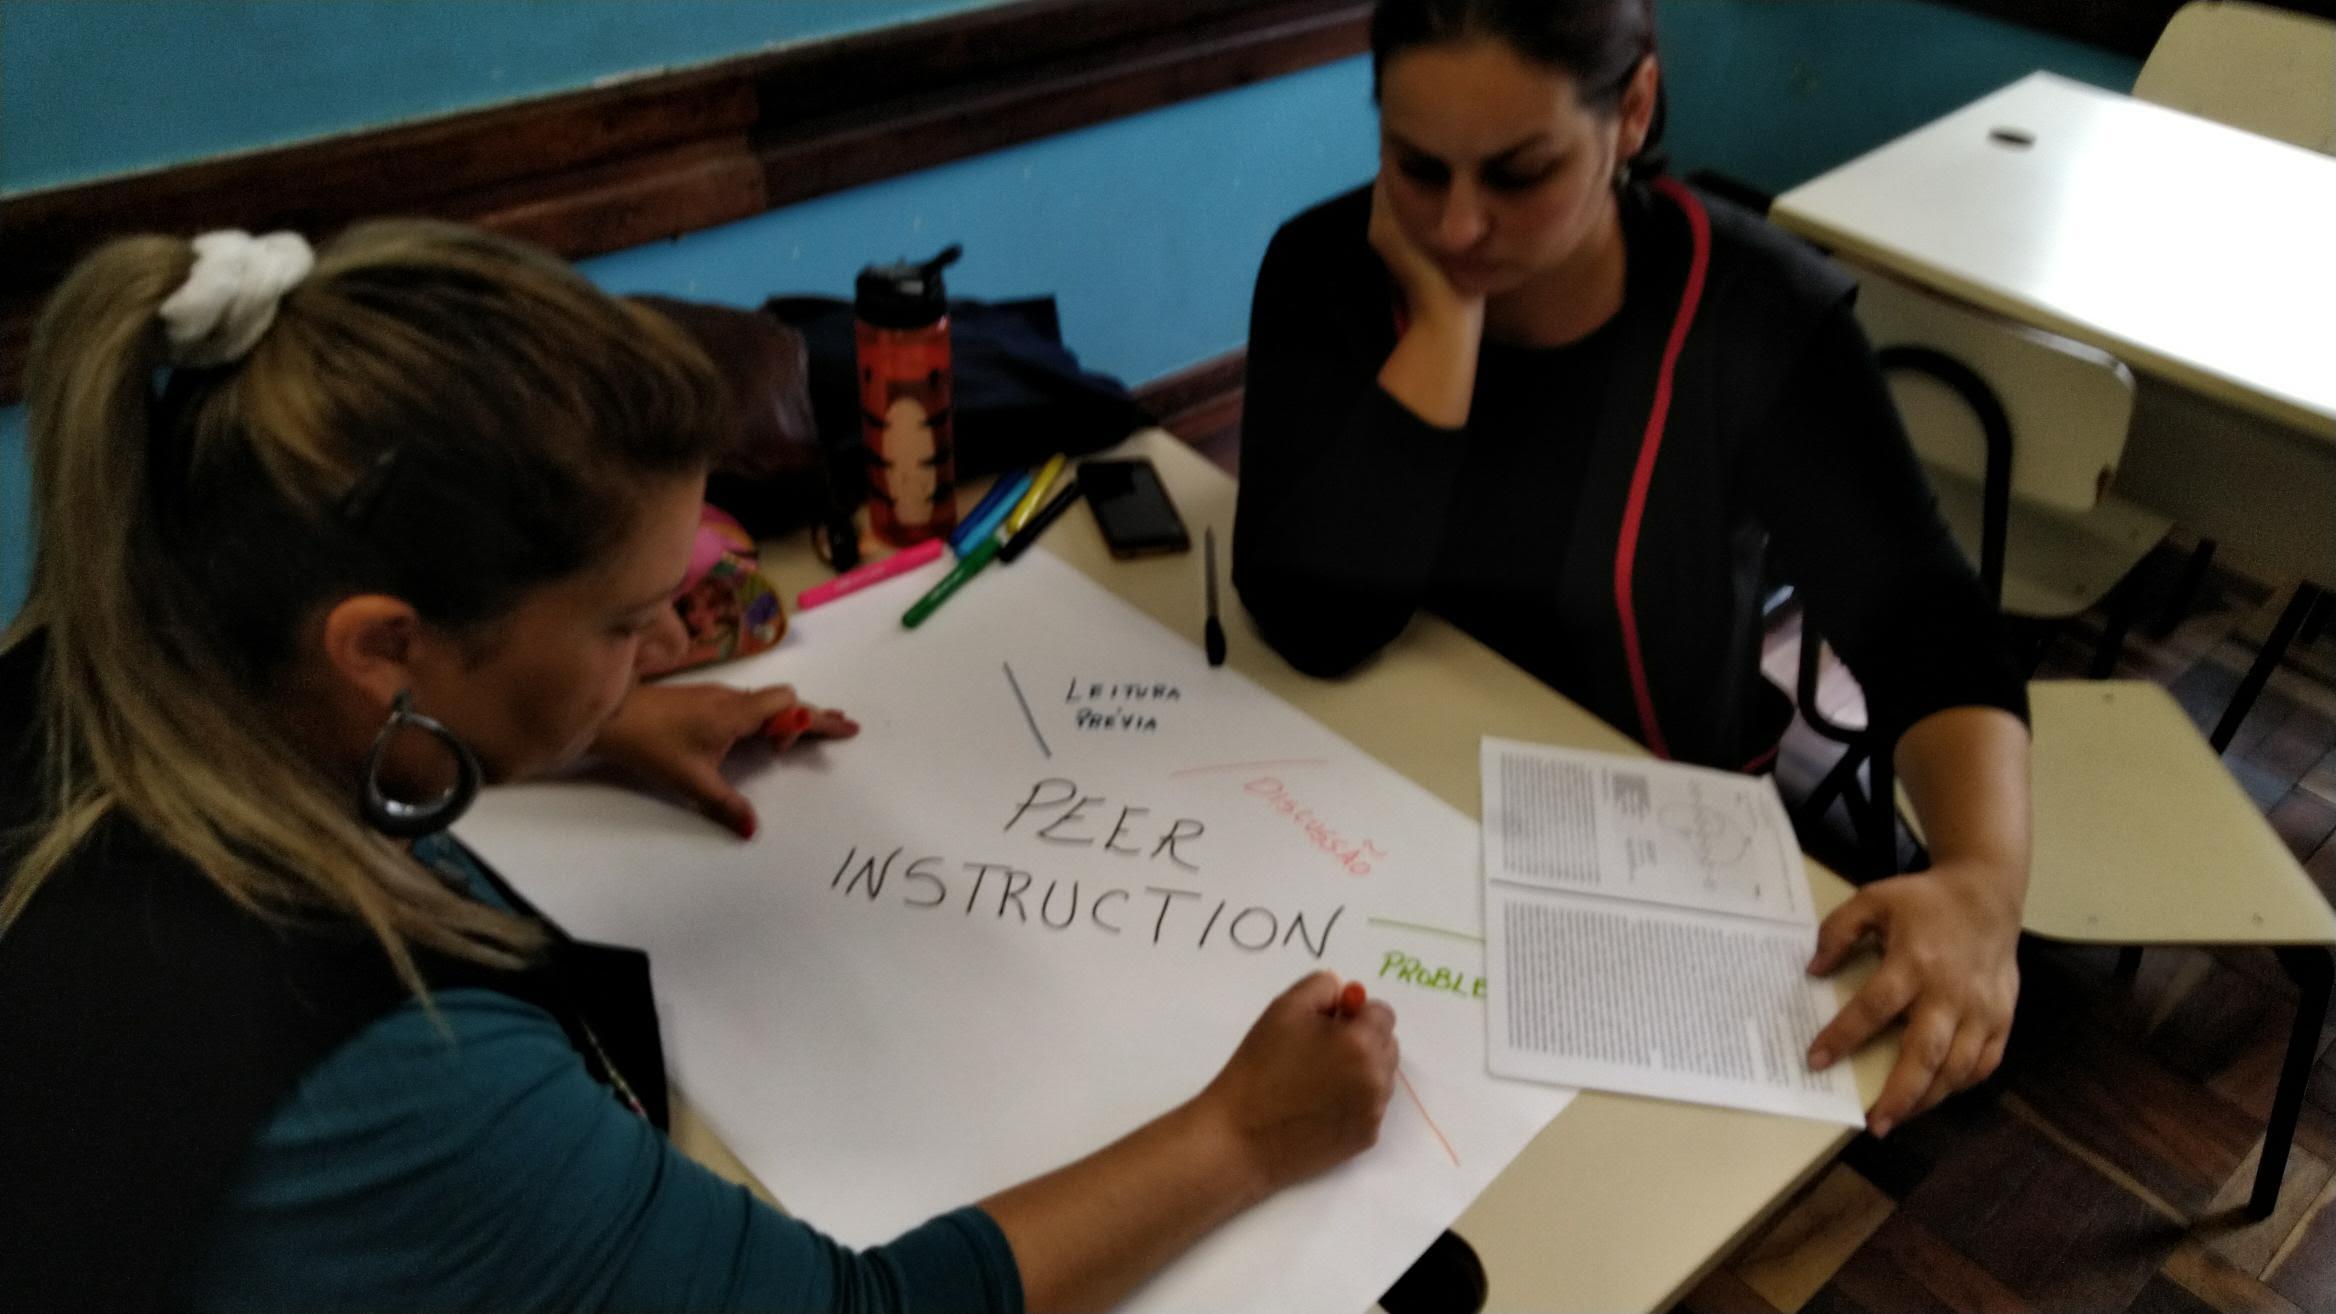 Professores discutem metodologias ativas